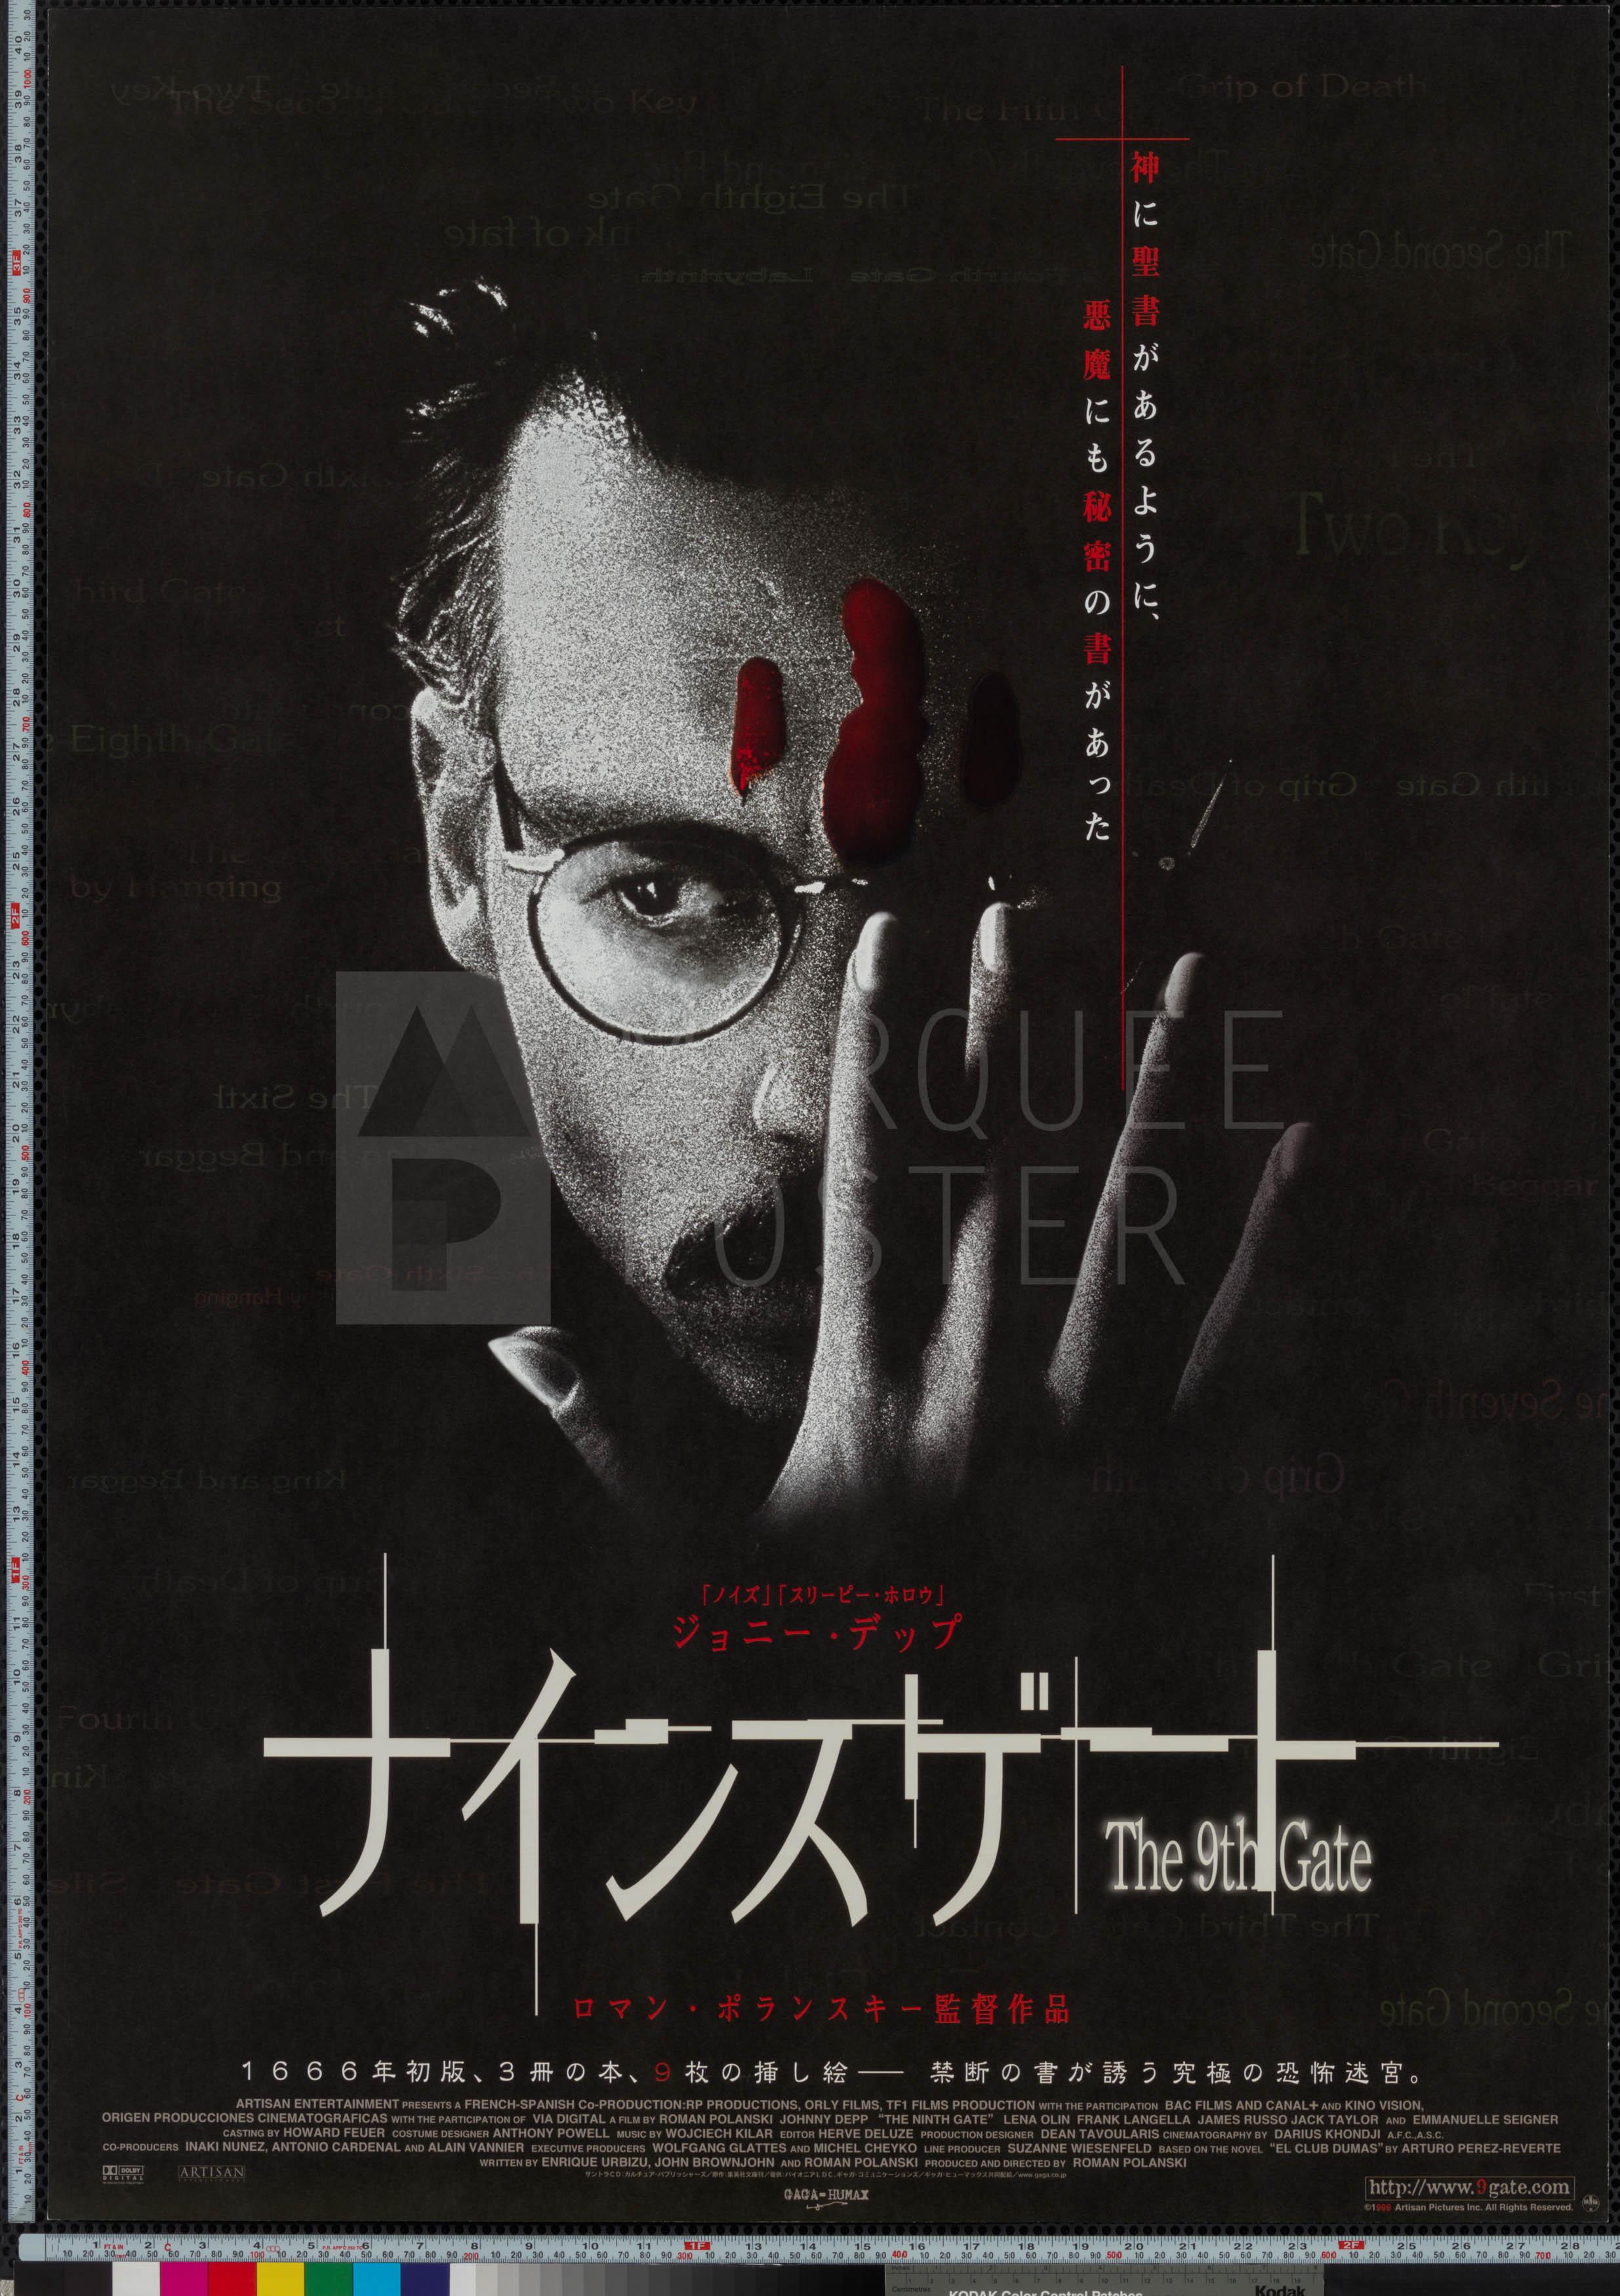 20-ninth-gate-japanese-b1-2000-02